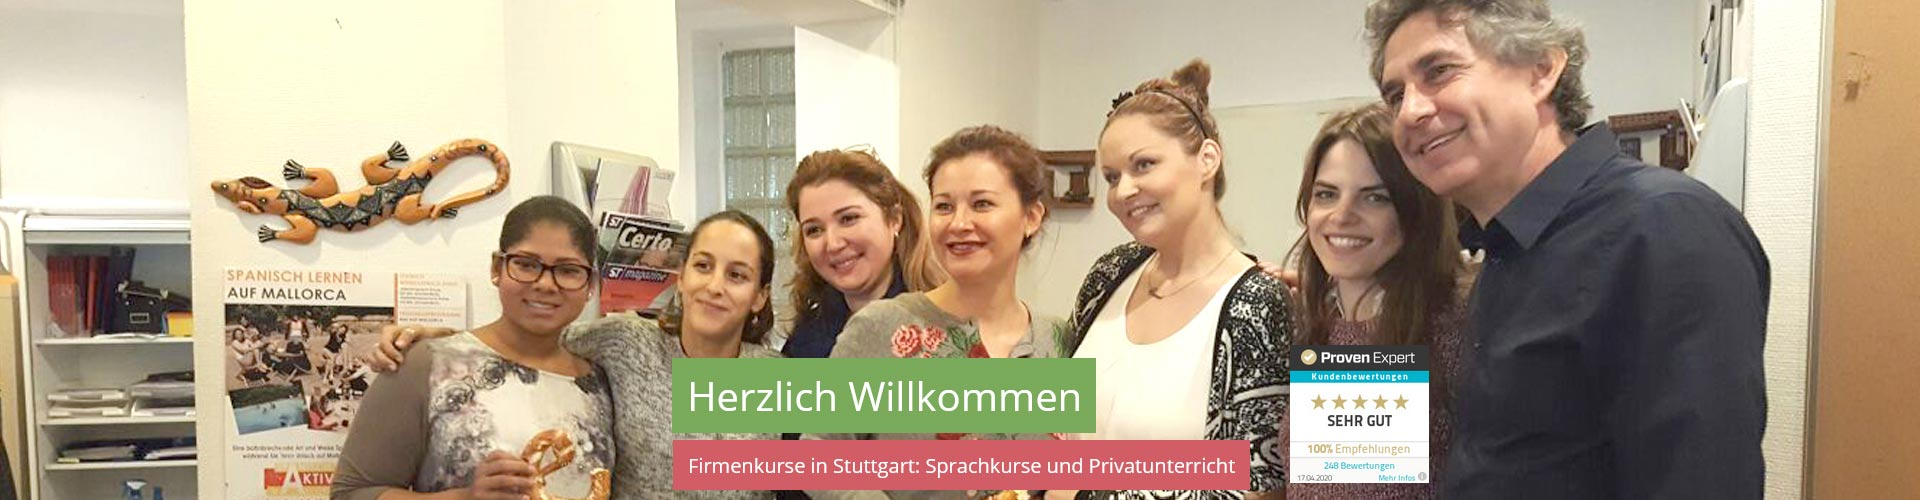 Sprachkurse für Deutsch und Fremdsprachen in Stuttgart